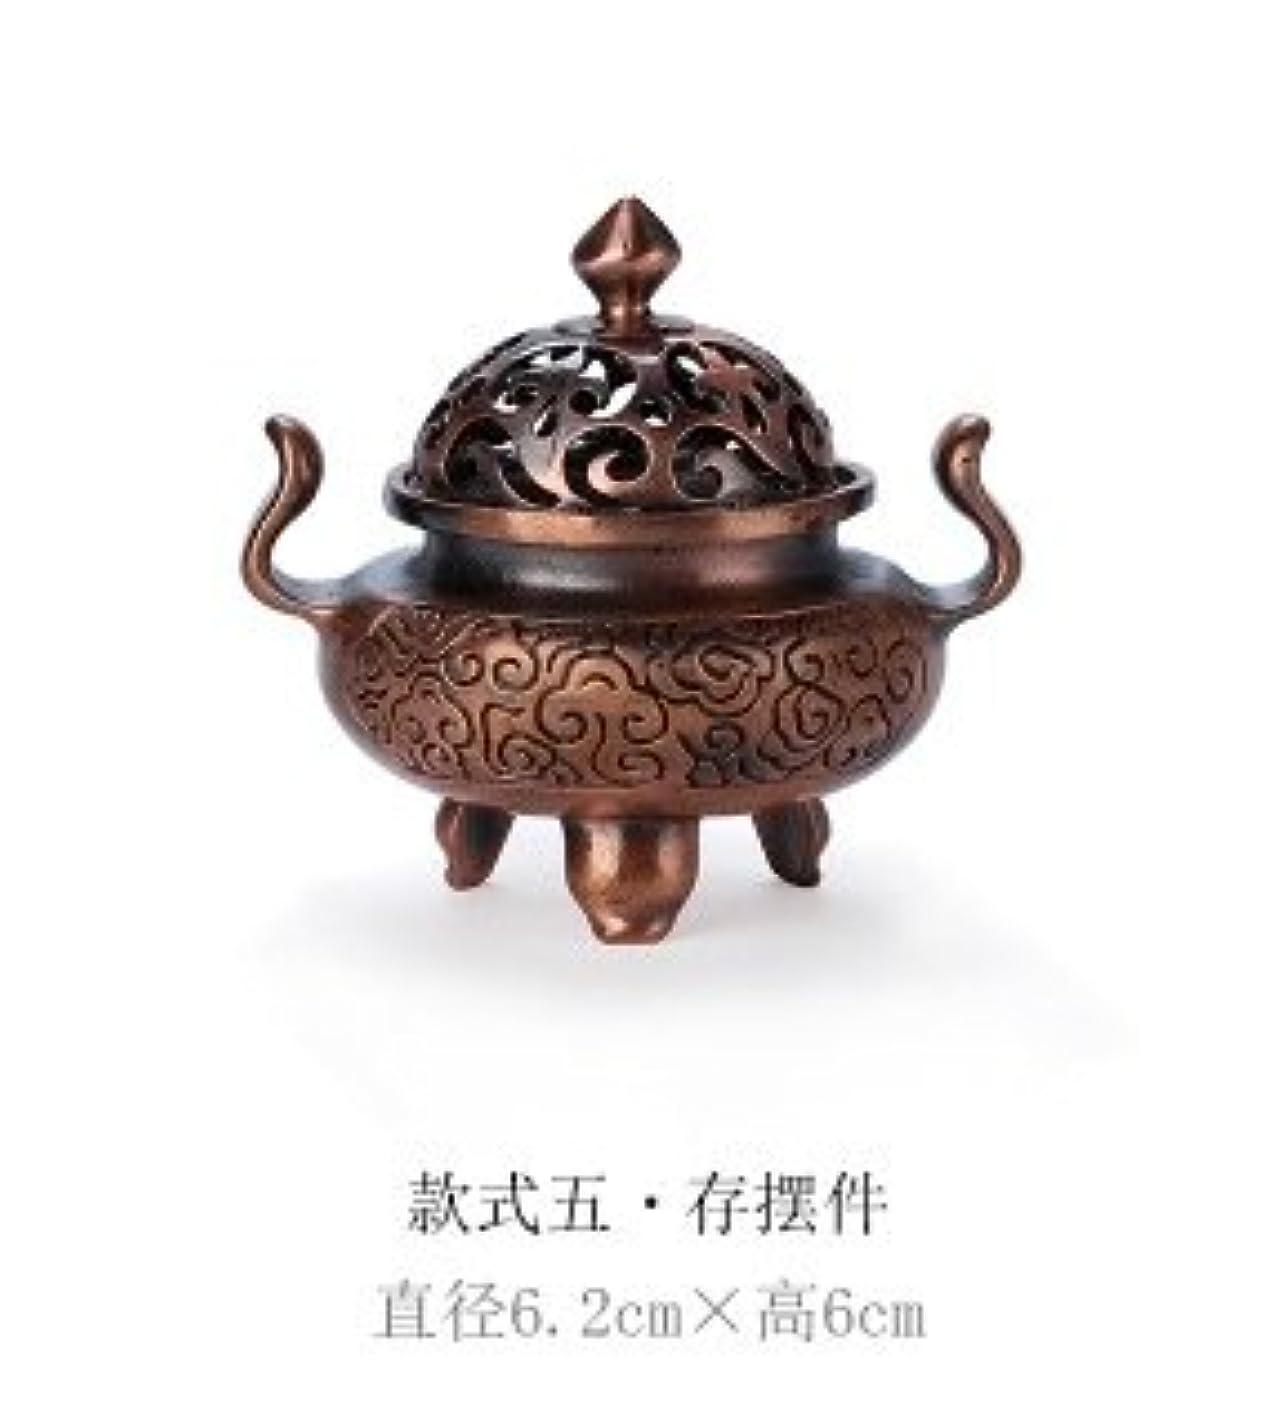 生き物ランタン盆地金属镂空檀香香炉 功夫茶具 アクセサリー茶装飾 线香香炉 (銅色)